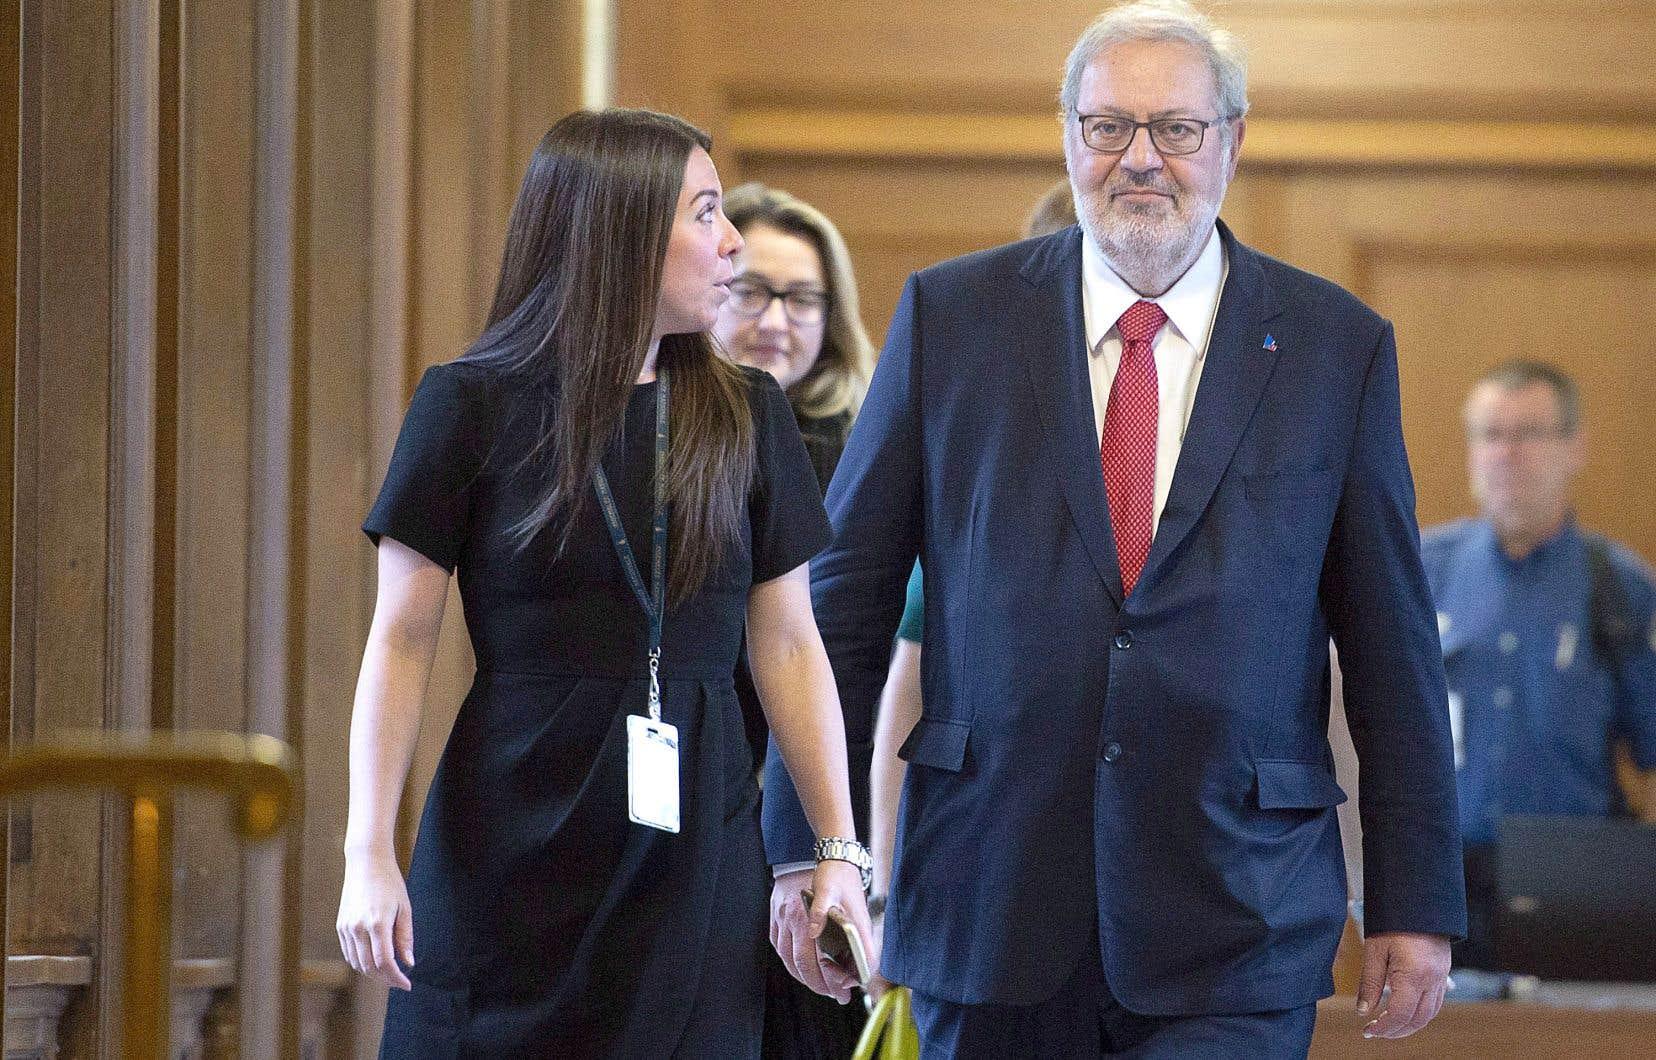 Le chef par intérim du Parti libéral, Pierre Arcand, a indiqué qu'il s'assurera qu'aucun des candidats pressentis pour la course à la direction du parti ne profite d'un avantage qui serait dû à sa fonction au sein de l'équipe.